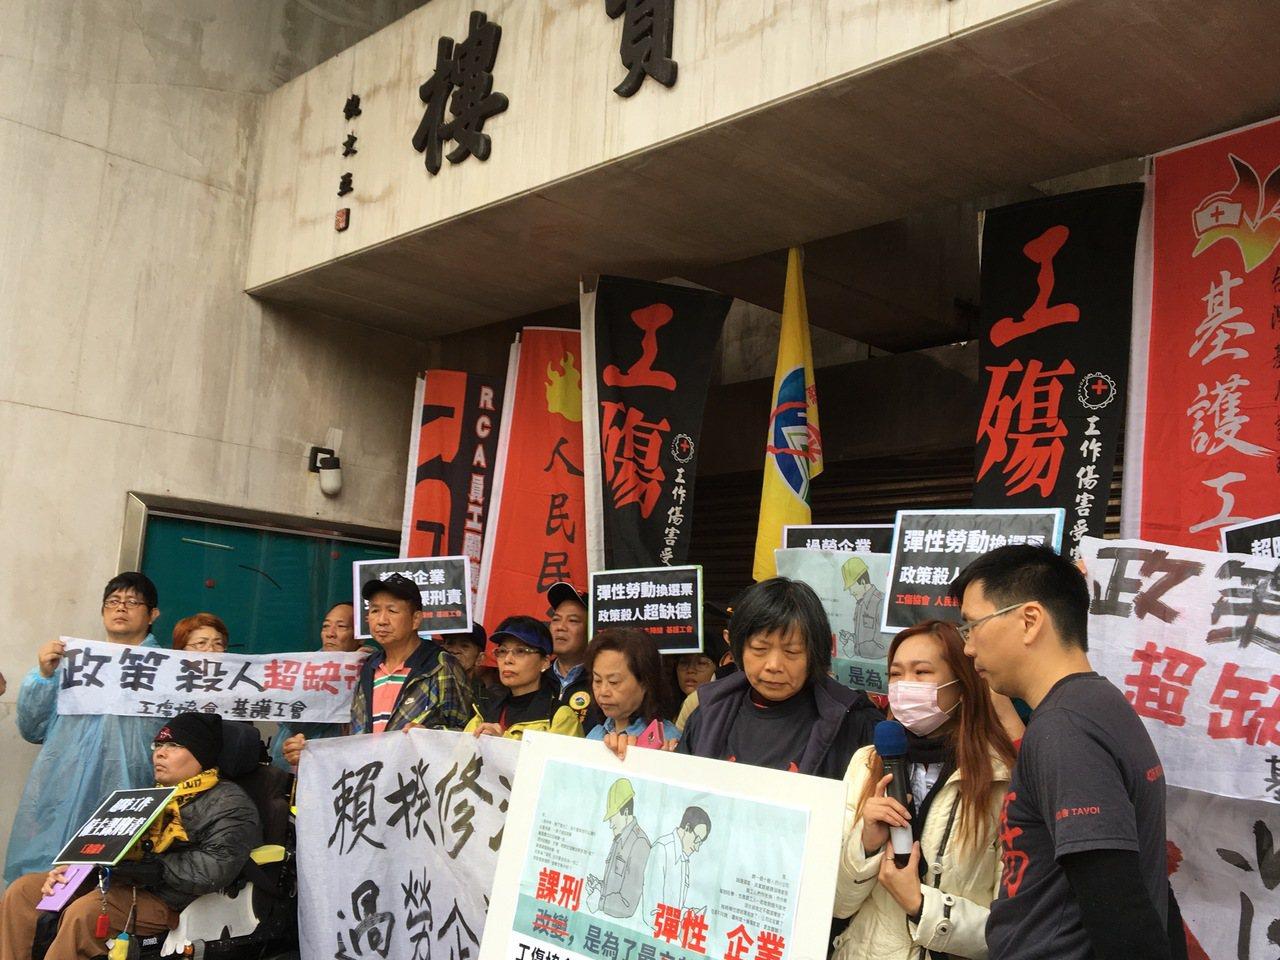 工傷協會、人民民主陣線、基層護理產業工會今天陪同過勞死傷家屬舉行記者會,要求政府...